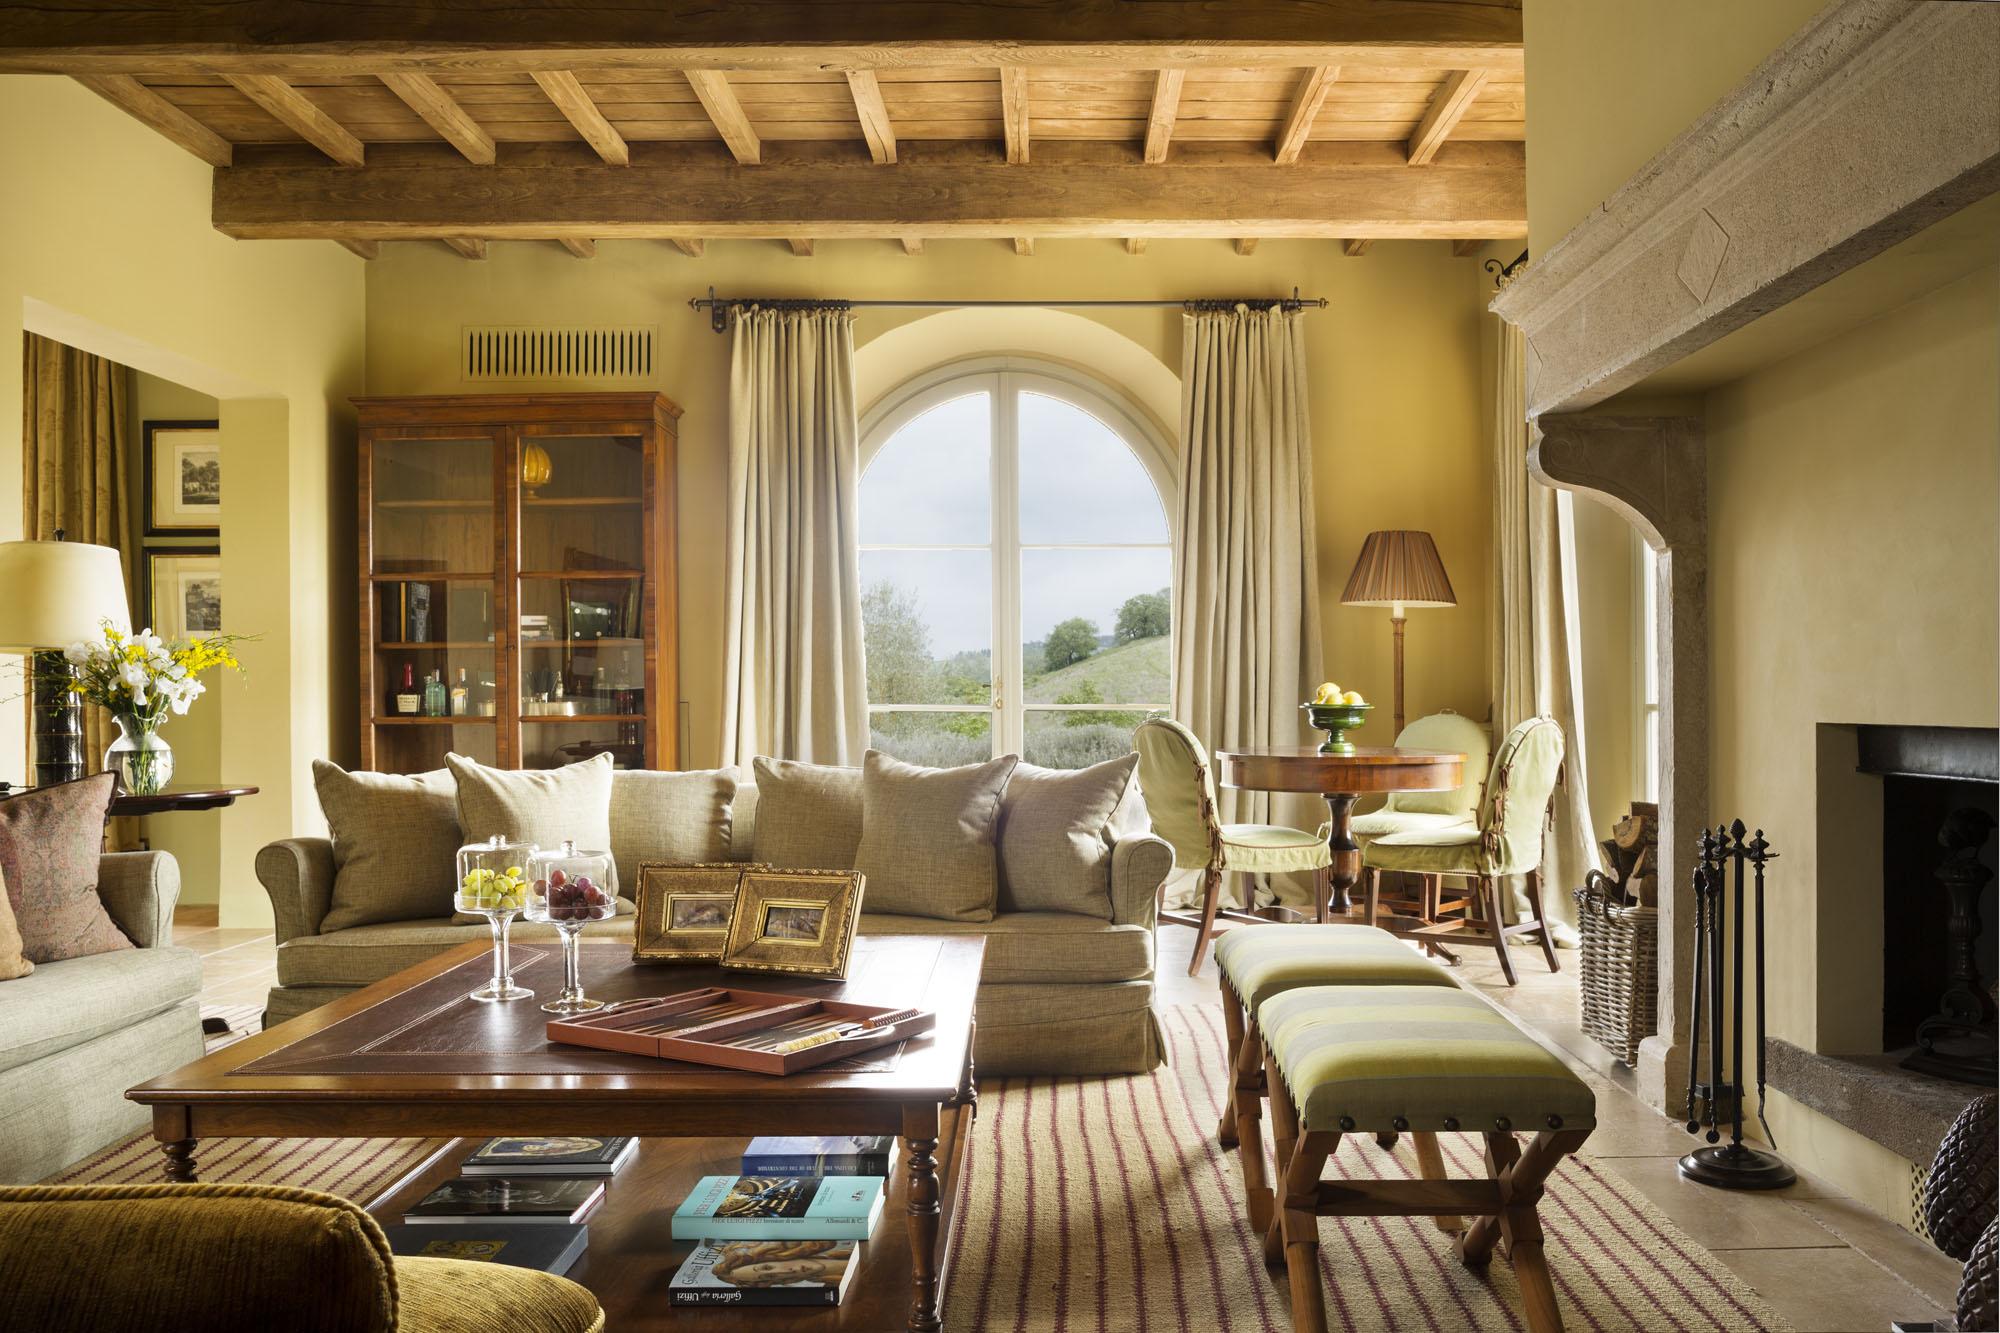 illa Casa del Fiume Living Room